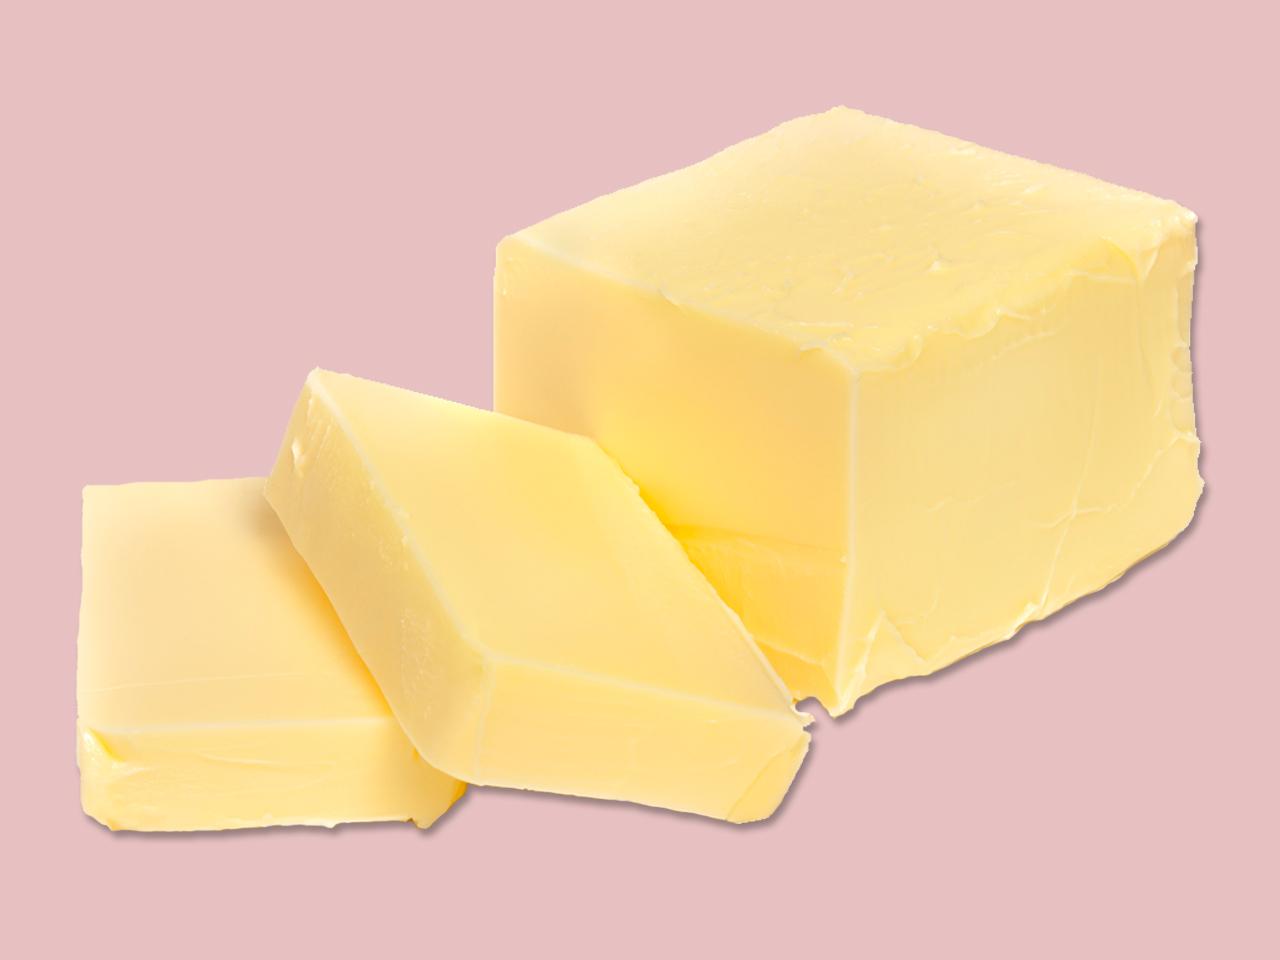 Artisanal butter Canada